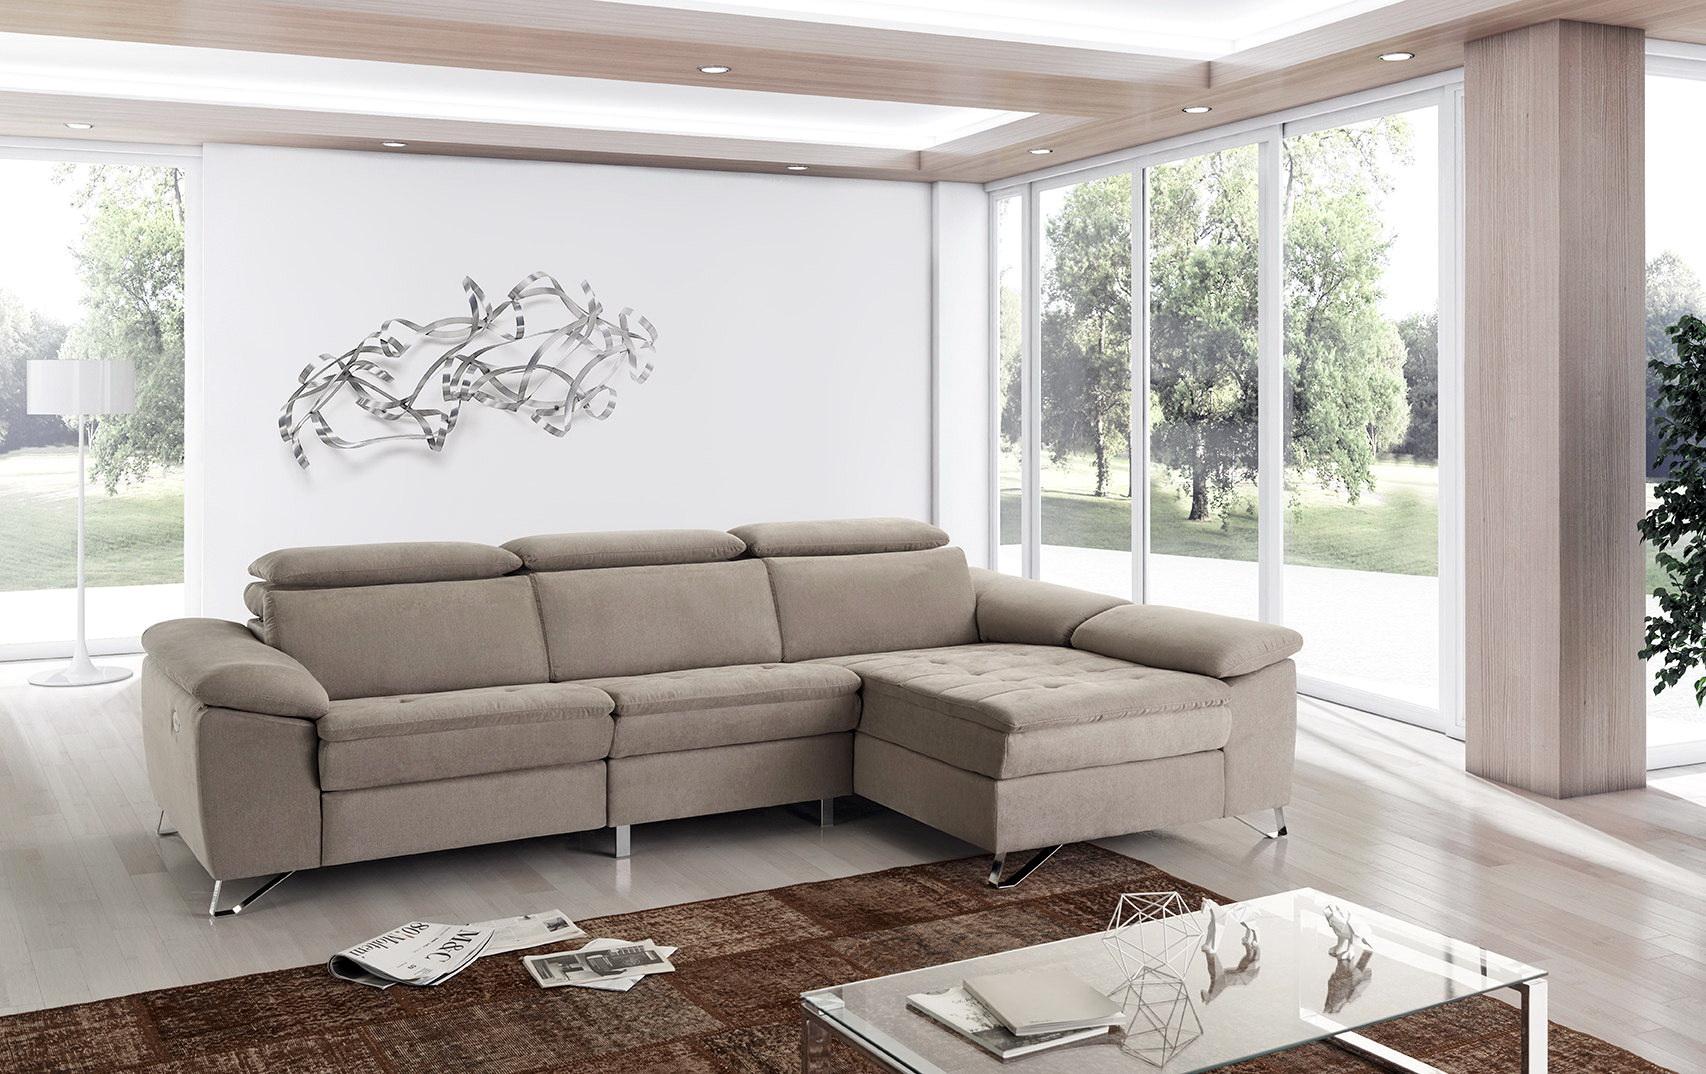 UVE sofá modular relax motorizado by Vizcaíno Tapizados en muebles antoñán® León (2)